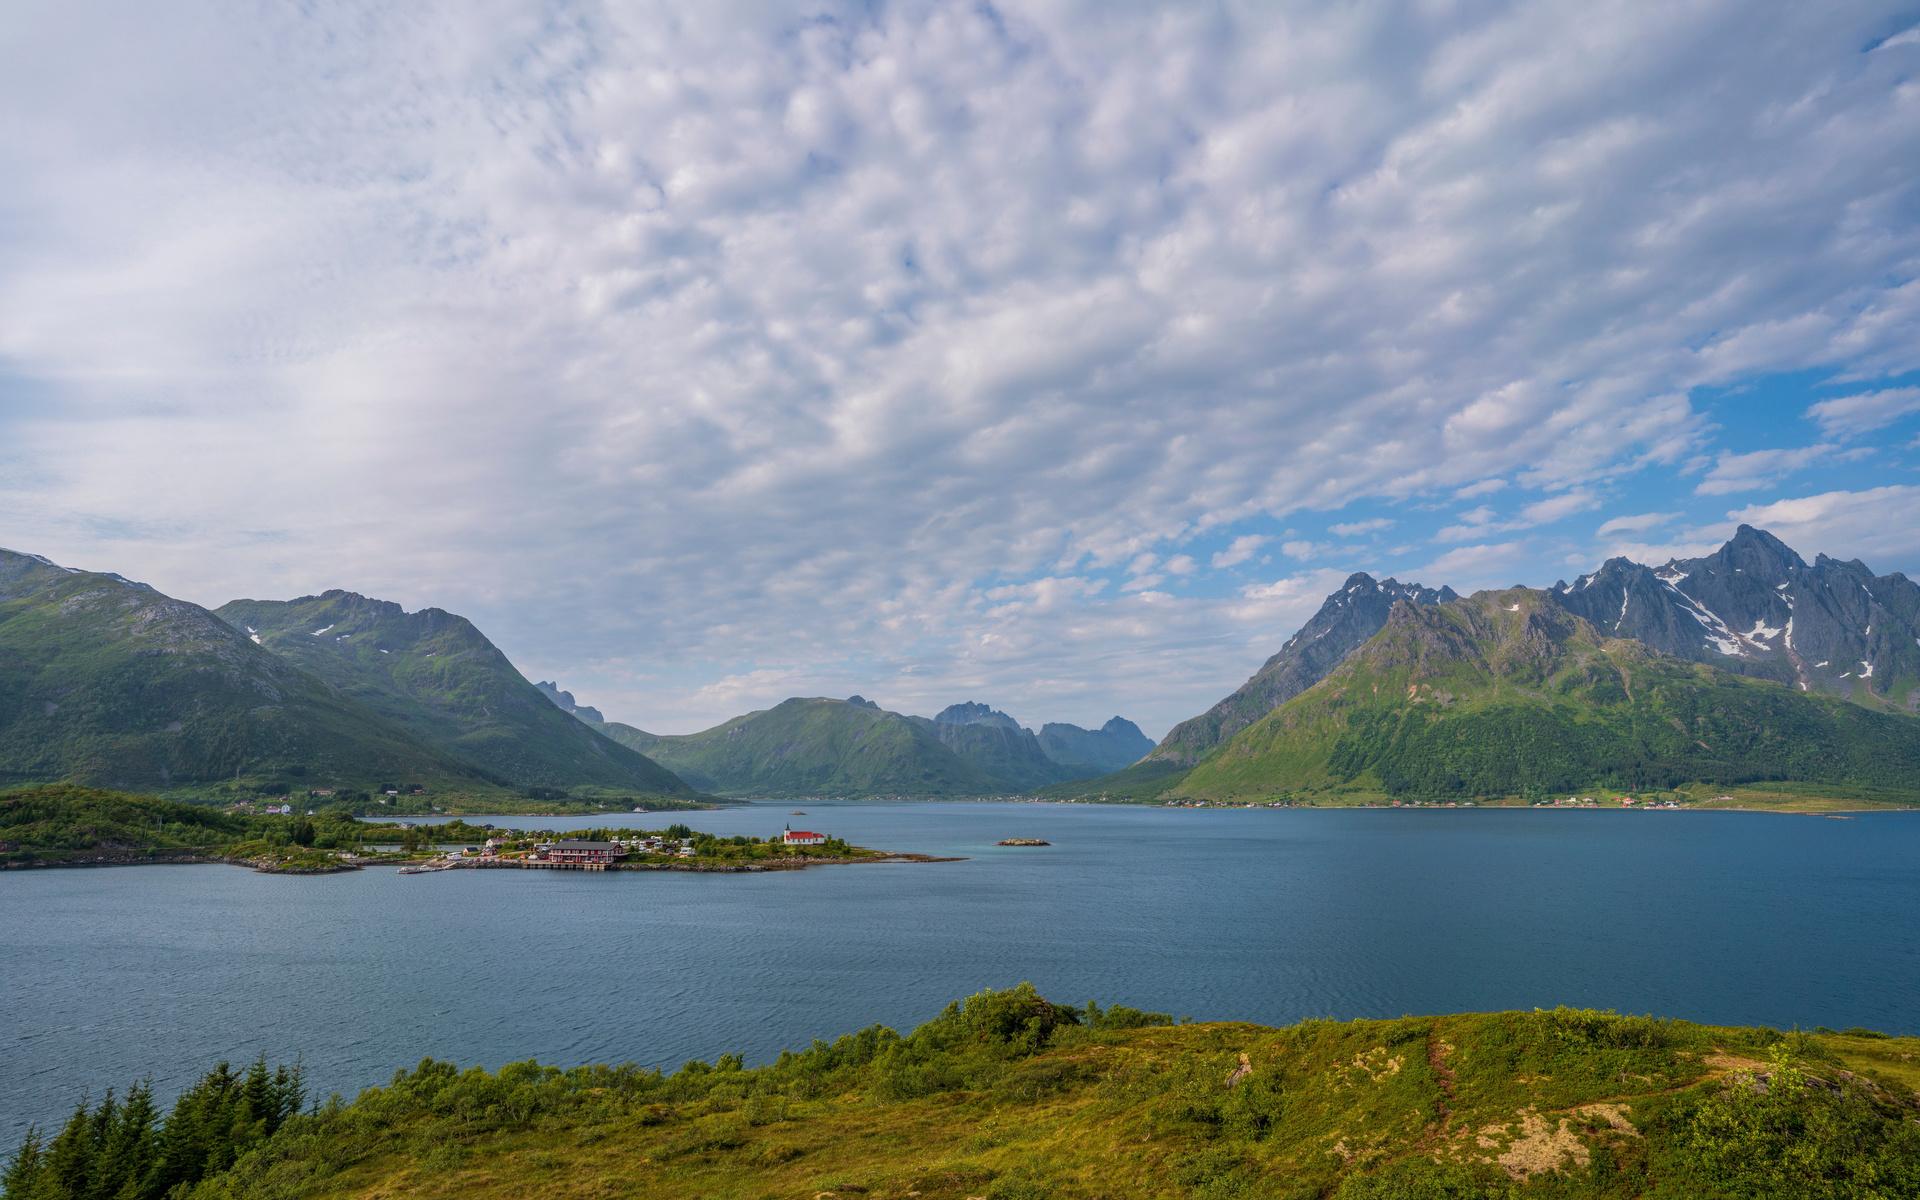 норвегия, лофотенские острова, горы fjord, облака, природа